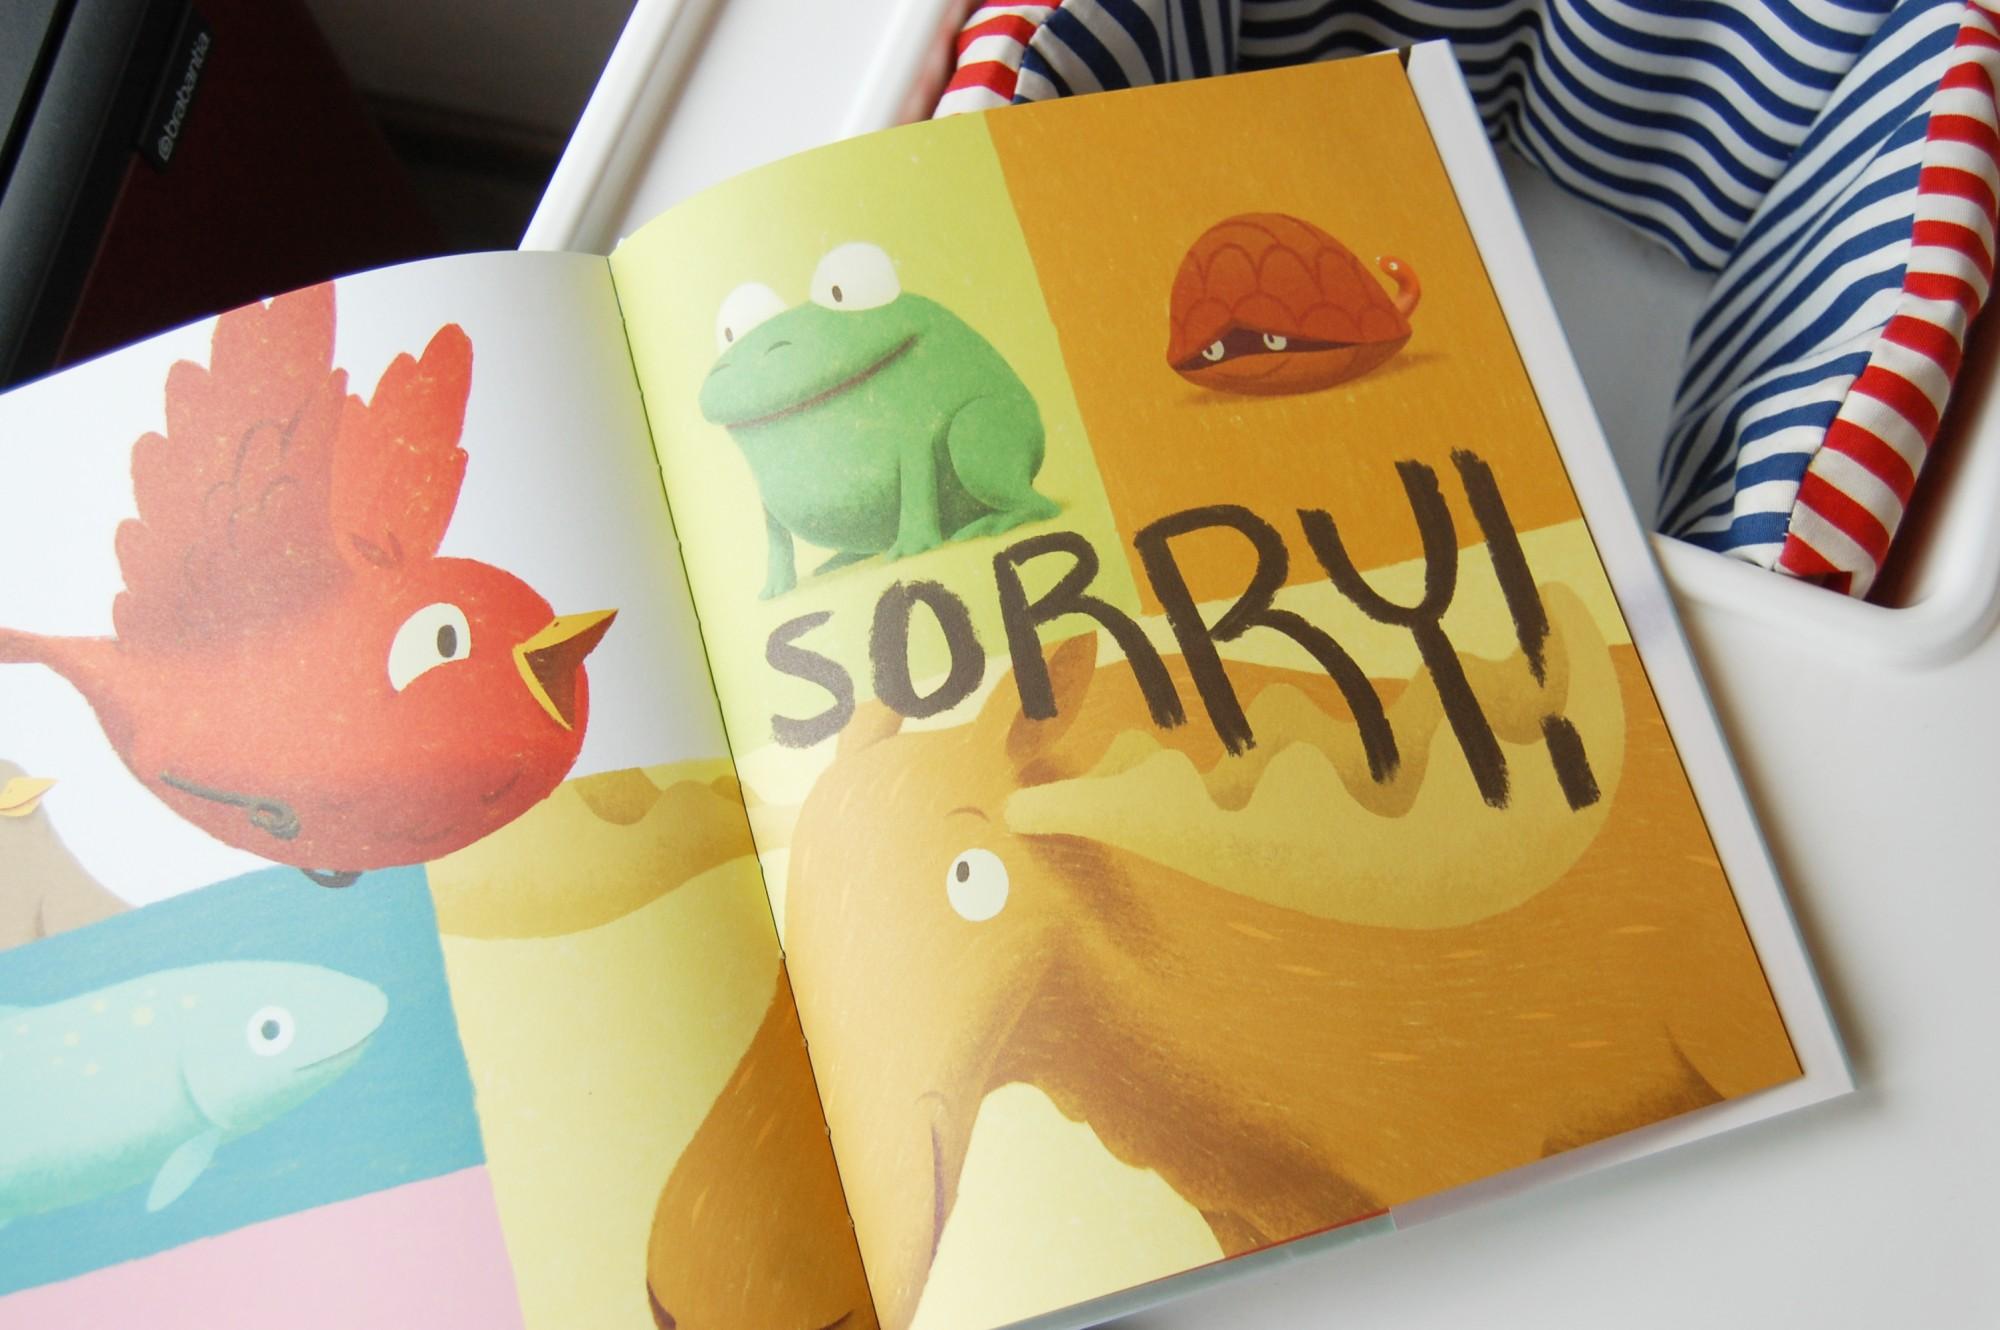 Kleine Vogel leert een stout woord